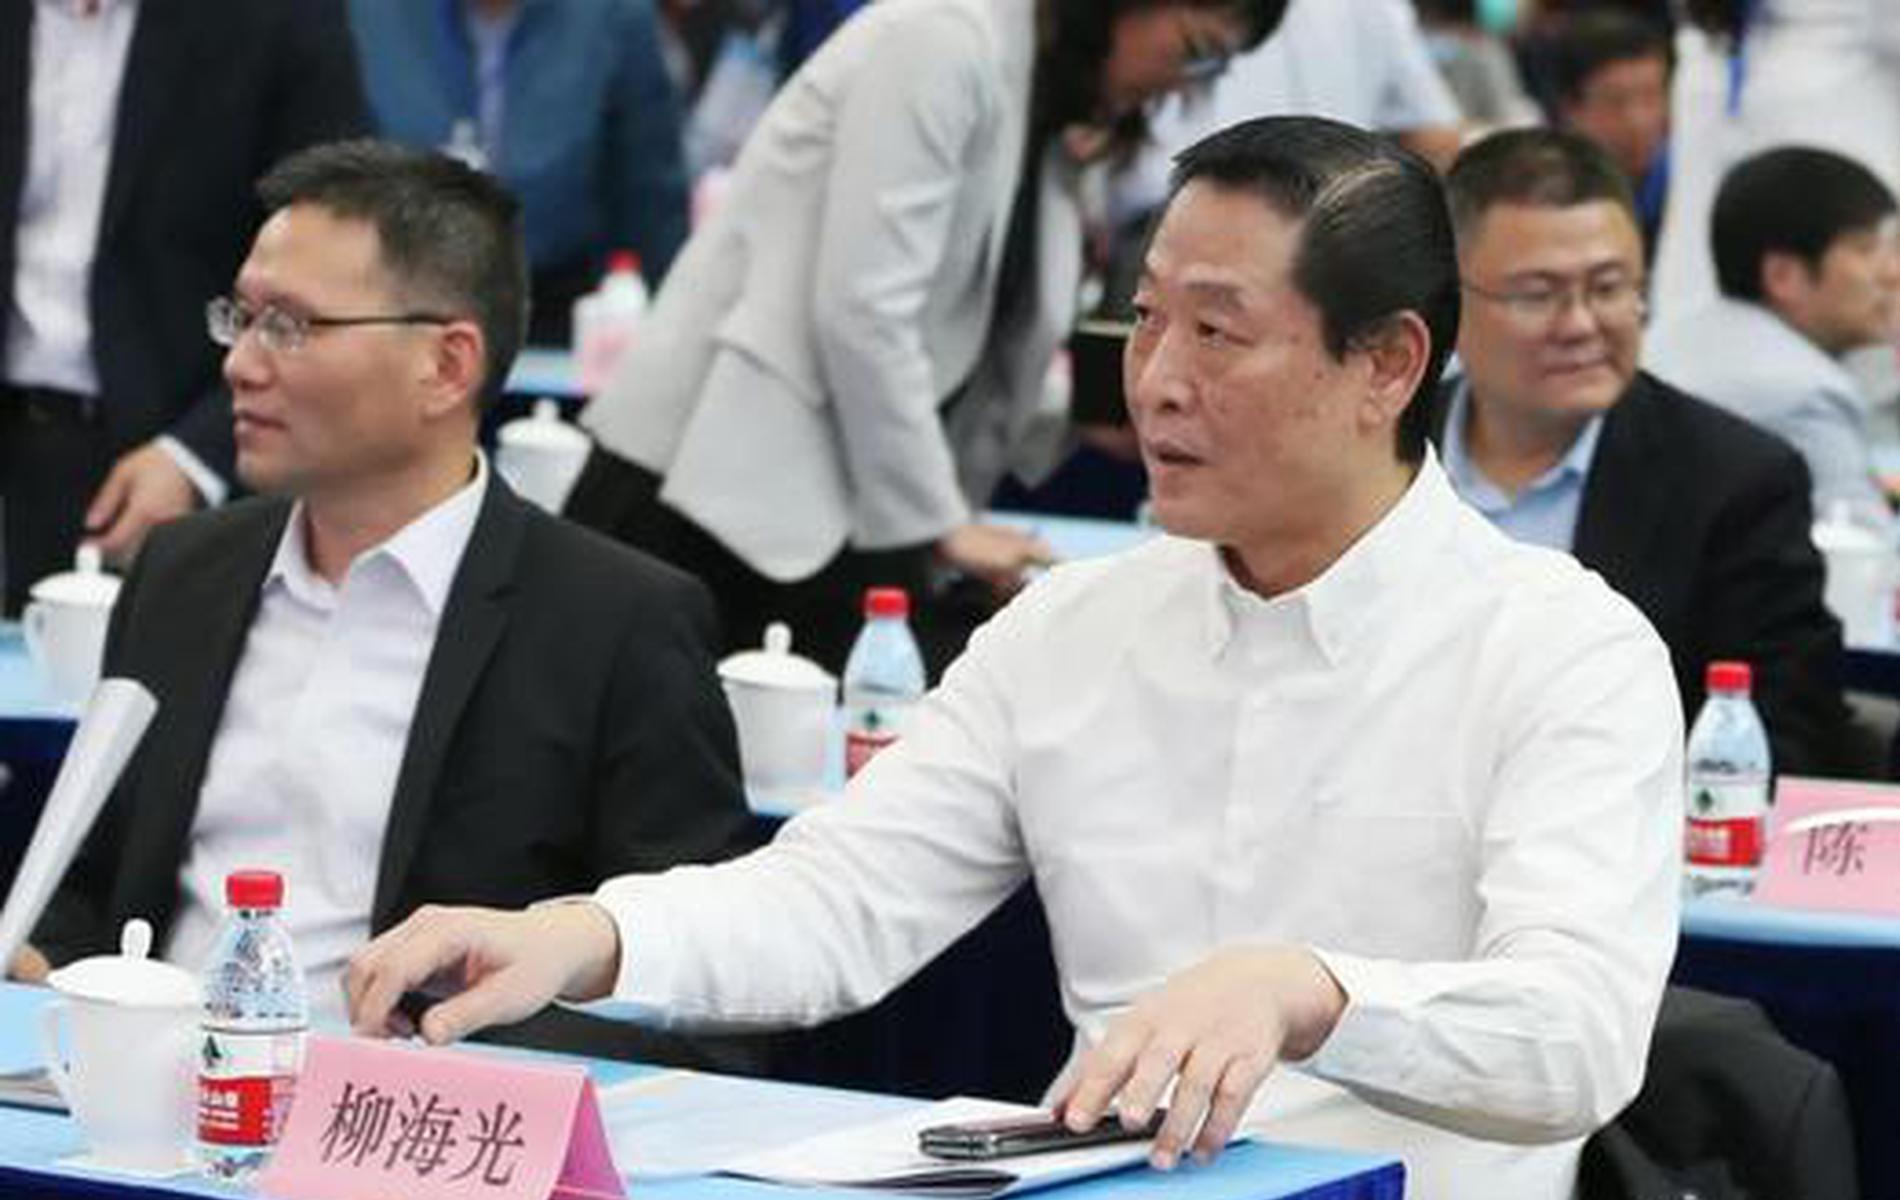 柳海光:真正做到专业人做专业事 为上海足球做贡献